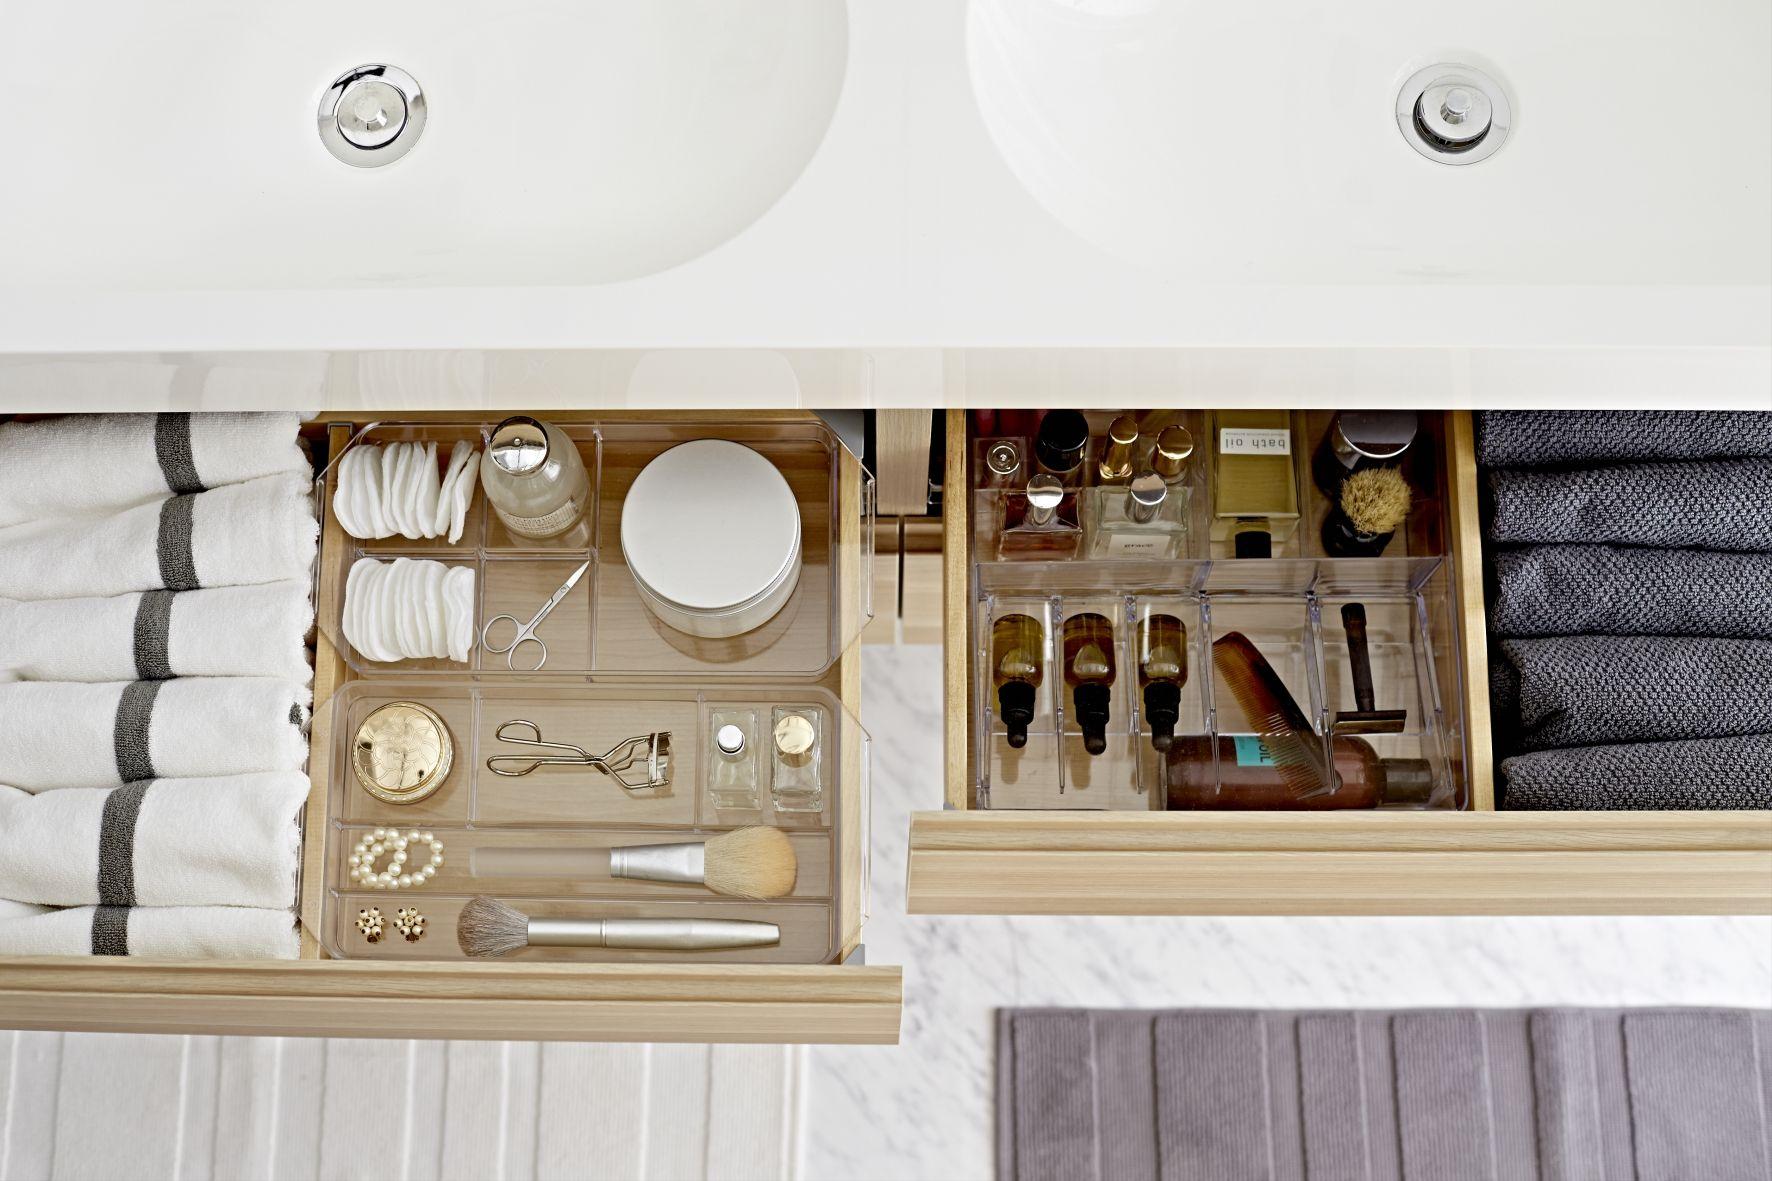 Ikea Badkamer Opbergers : Badkamer spiegels ikea